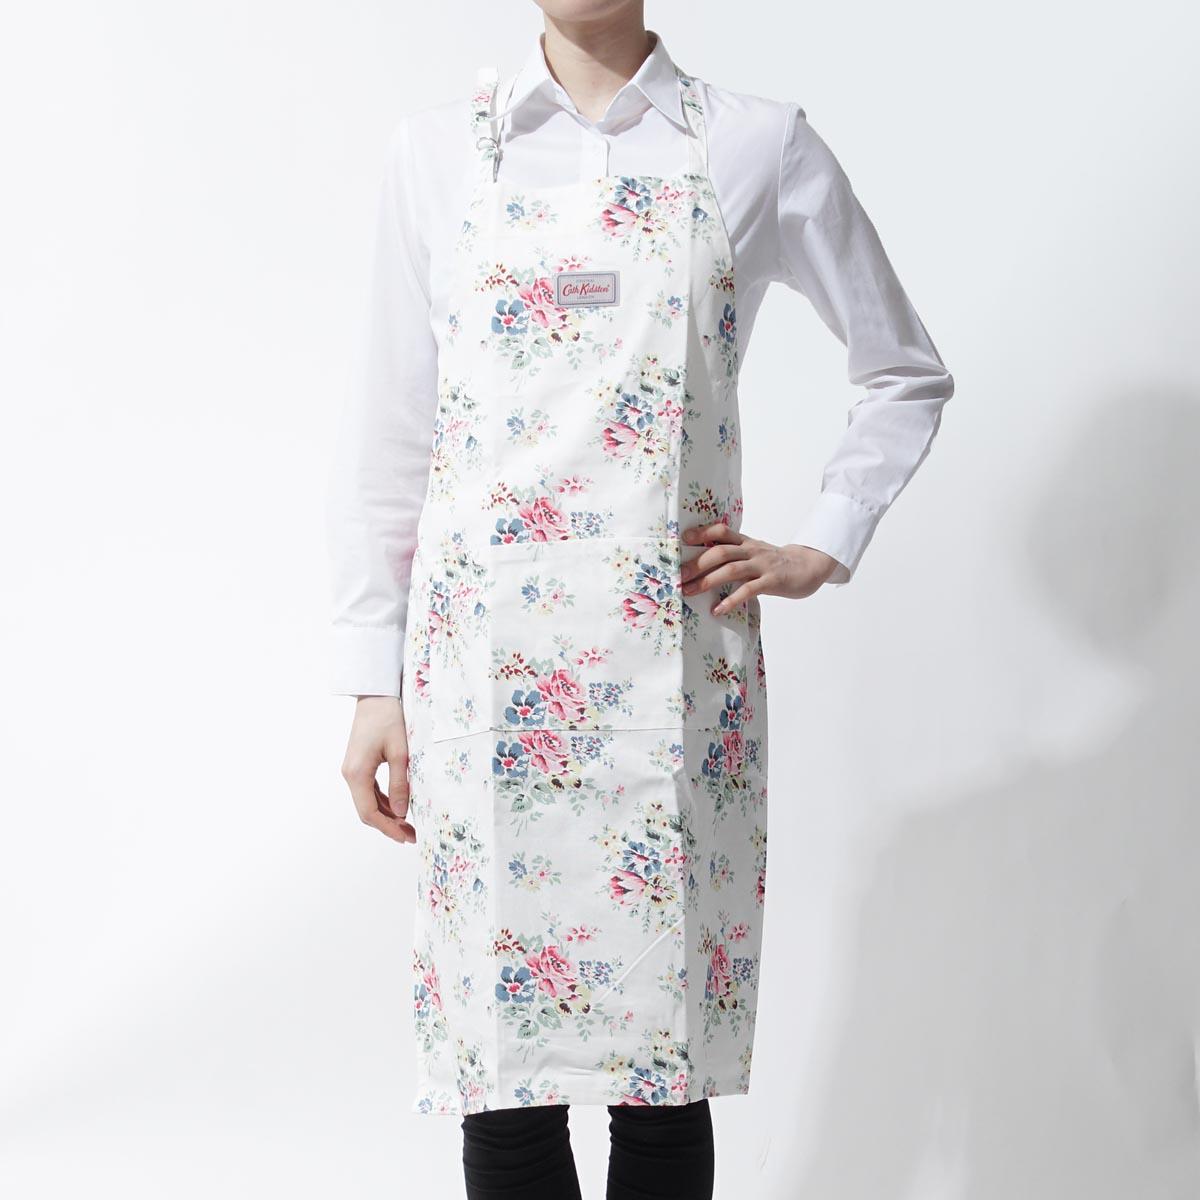 White apron delivery - Cath Kidston Cath Kidston Apron Bouquet Off White White System 663700 Lady S